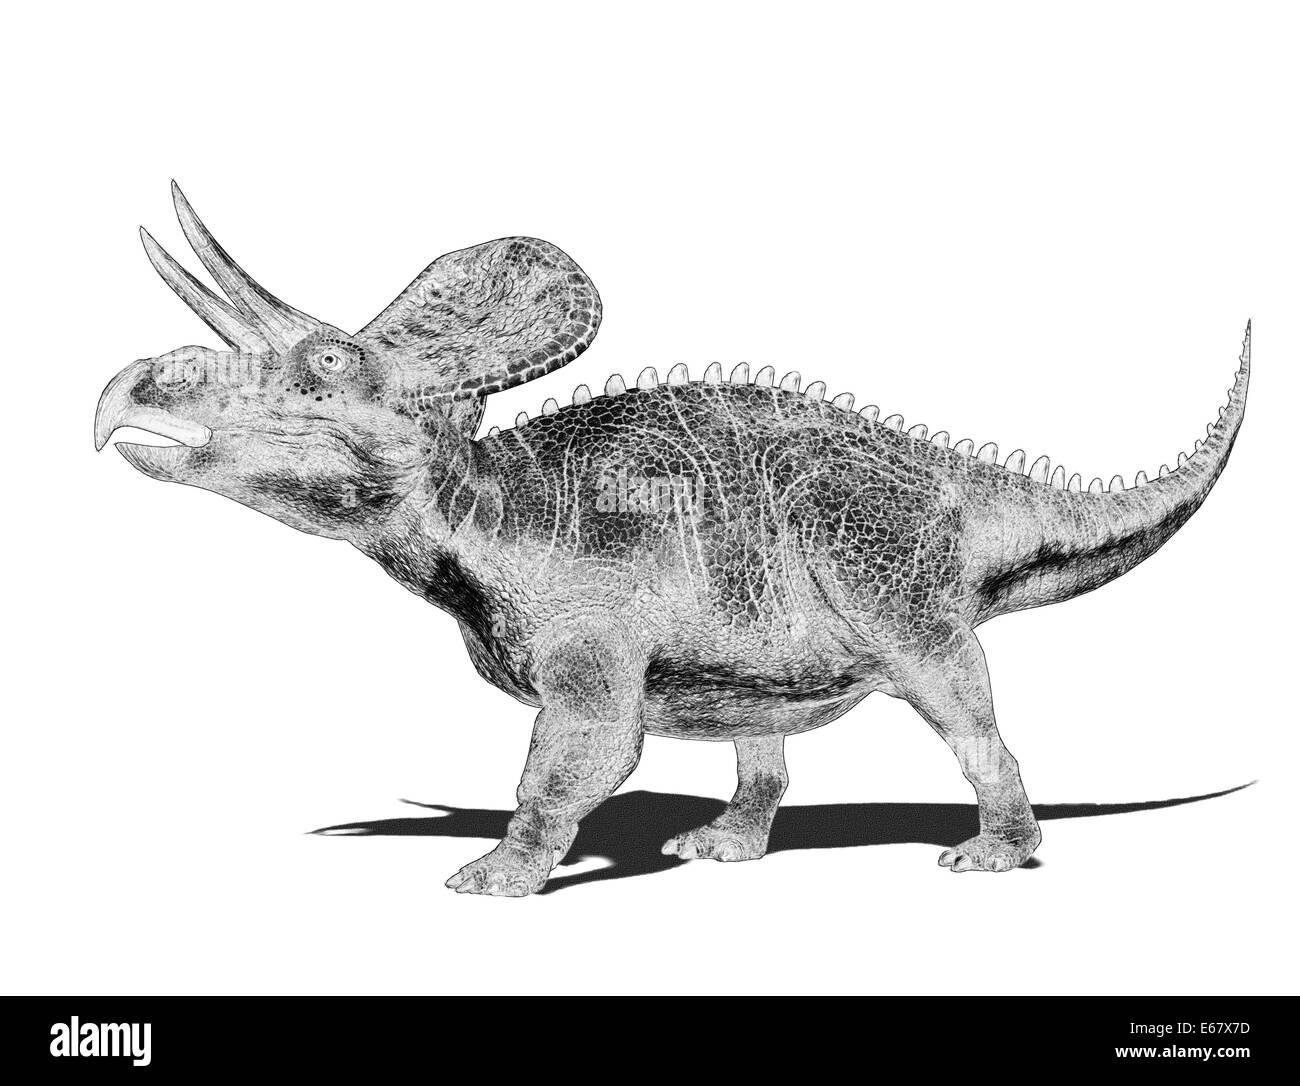 sketch dinosaur Zuniceratops - Stock Image